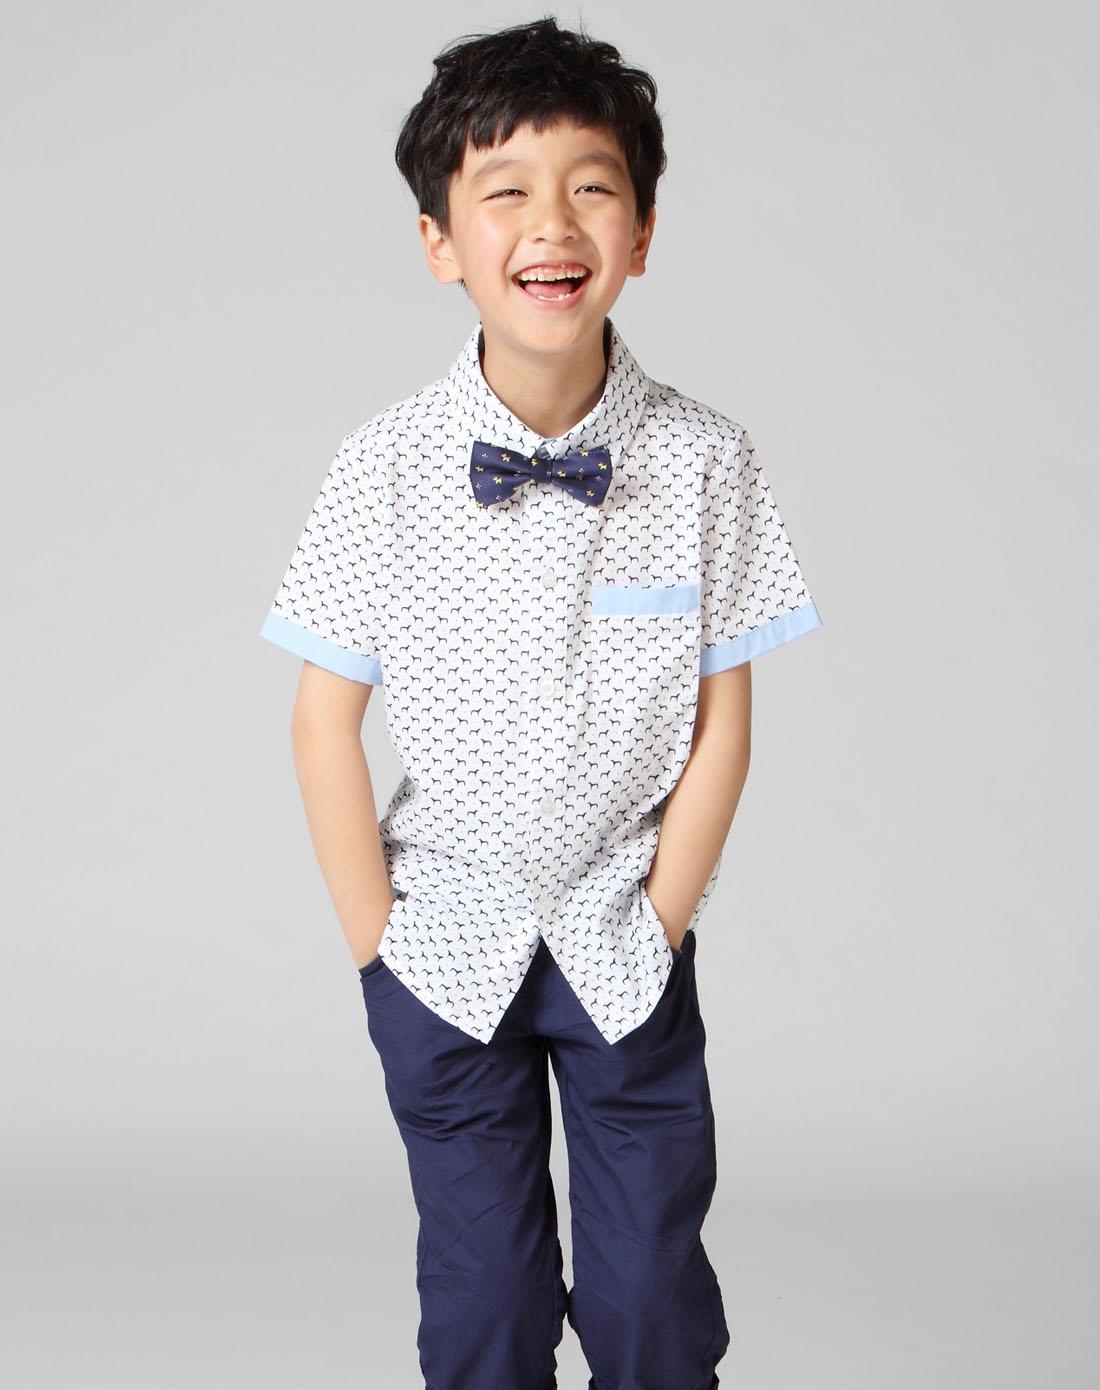 男童白底小马短袖衬衫